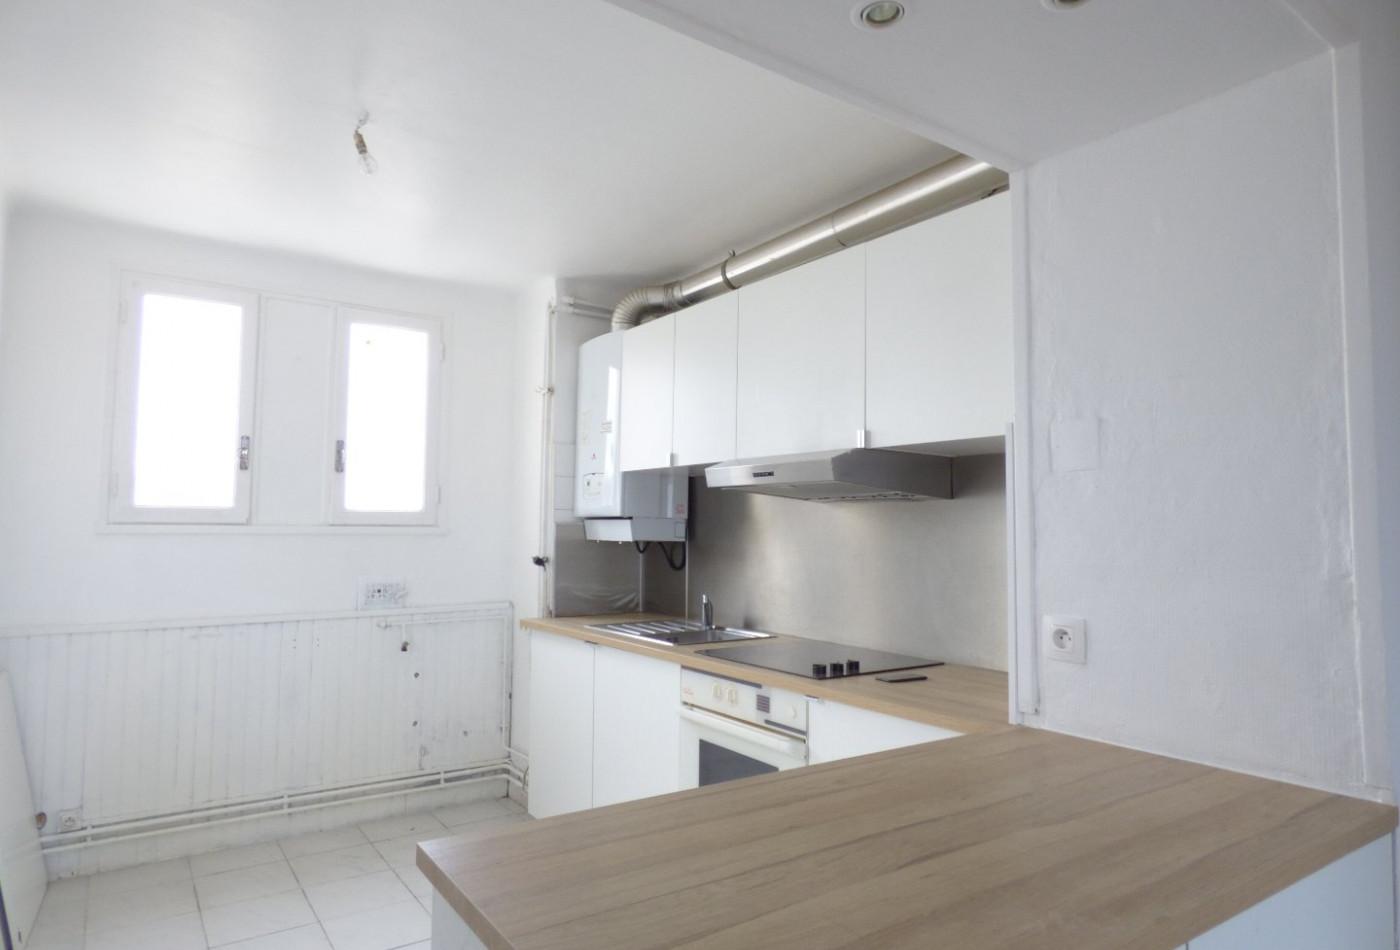 A vendre  Montpellier | Réf 345075217 - Immo plus